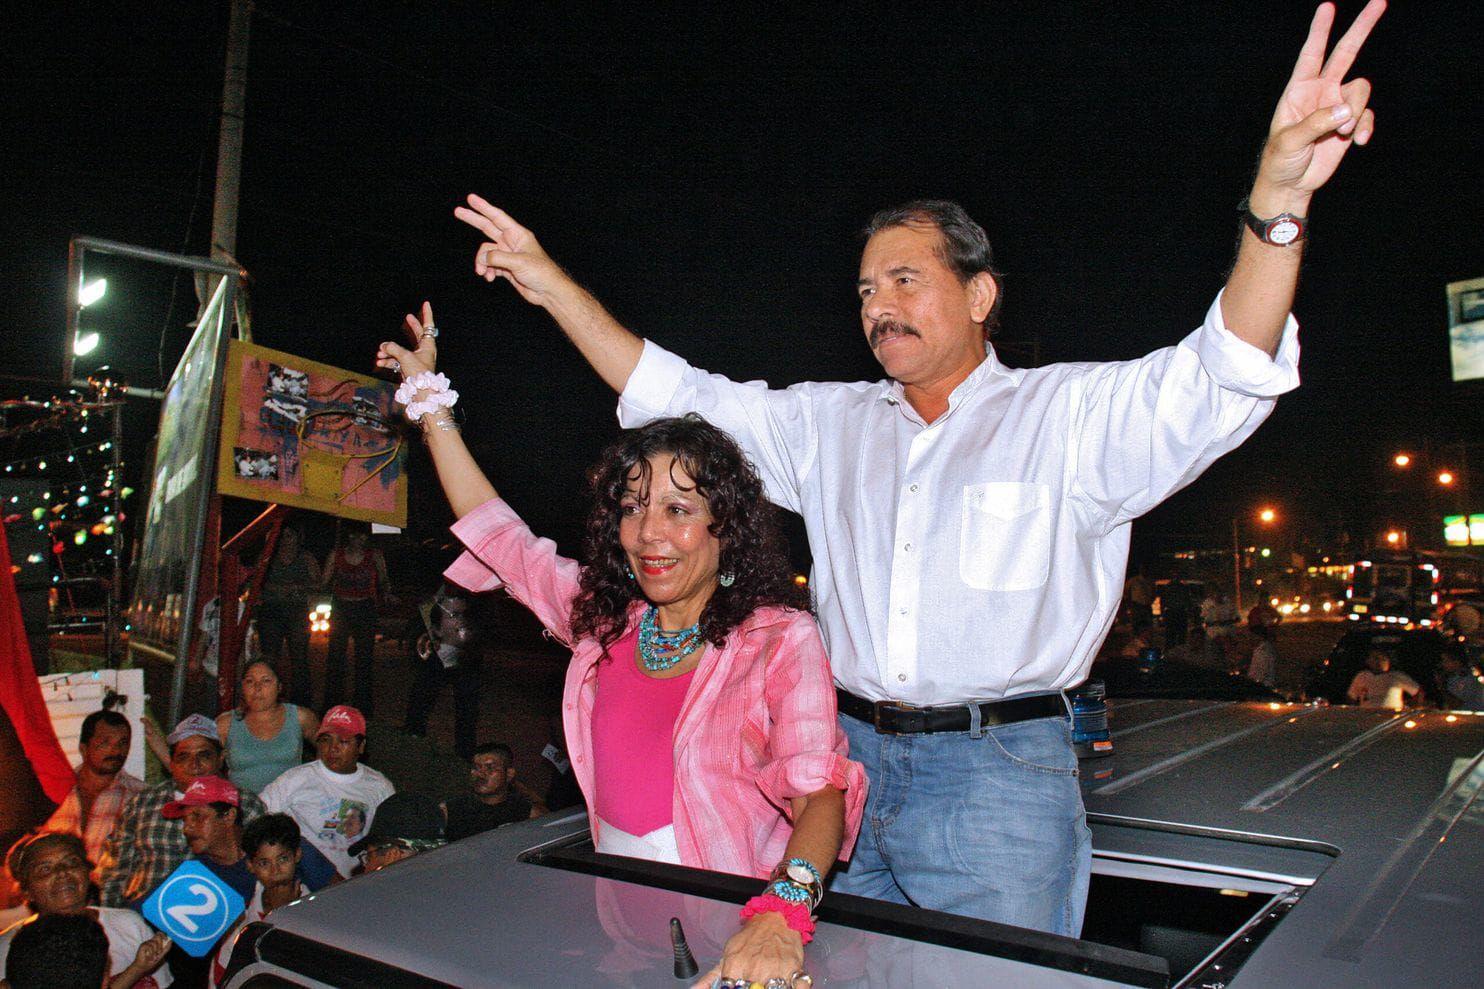 Daniel Ortega y su esposa, Rosario Murillo, durante un acto de campaña en 2006 (Miguel Alvarez/AFP/Getty Images)